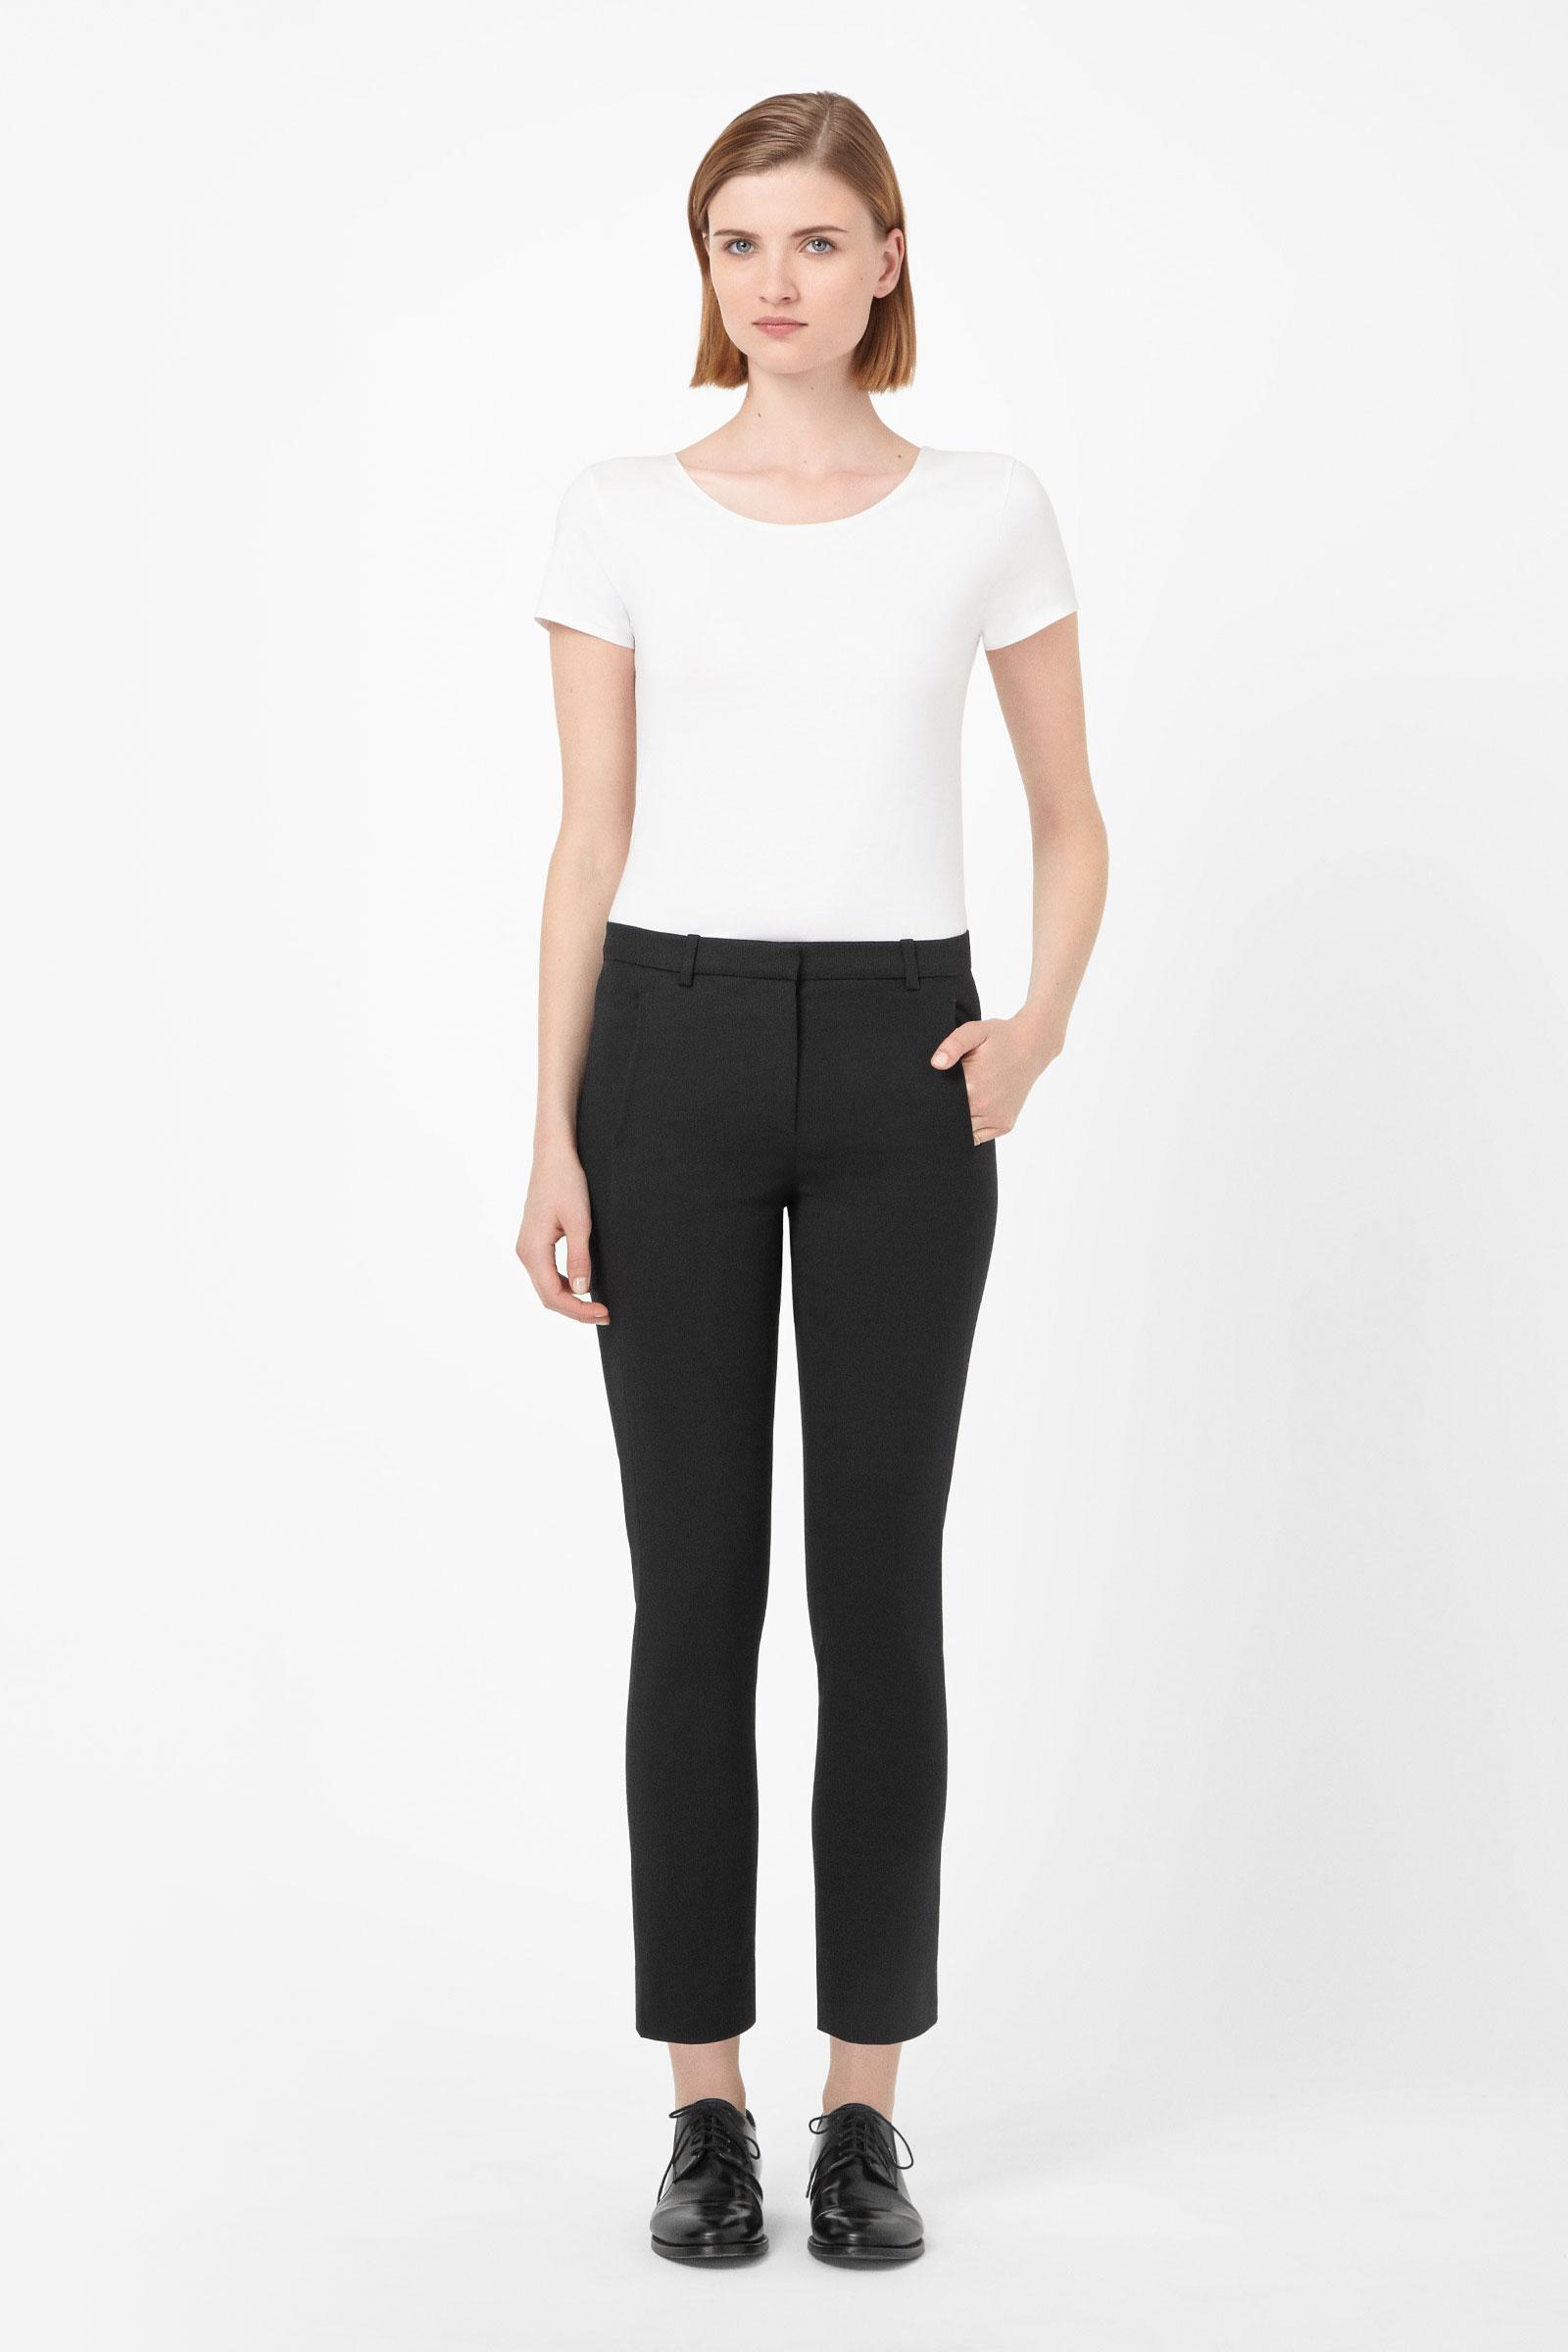 COS - Pantalon(69 €)